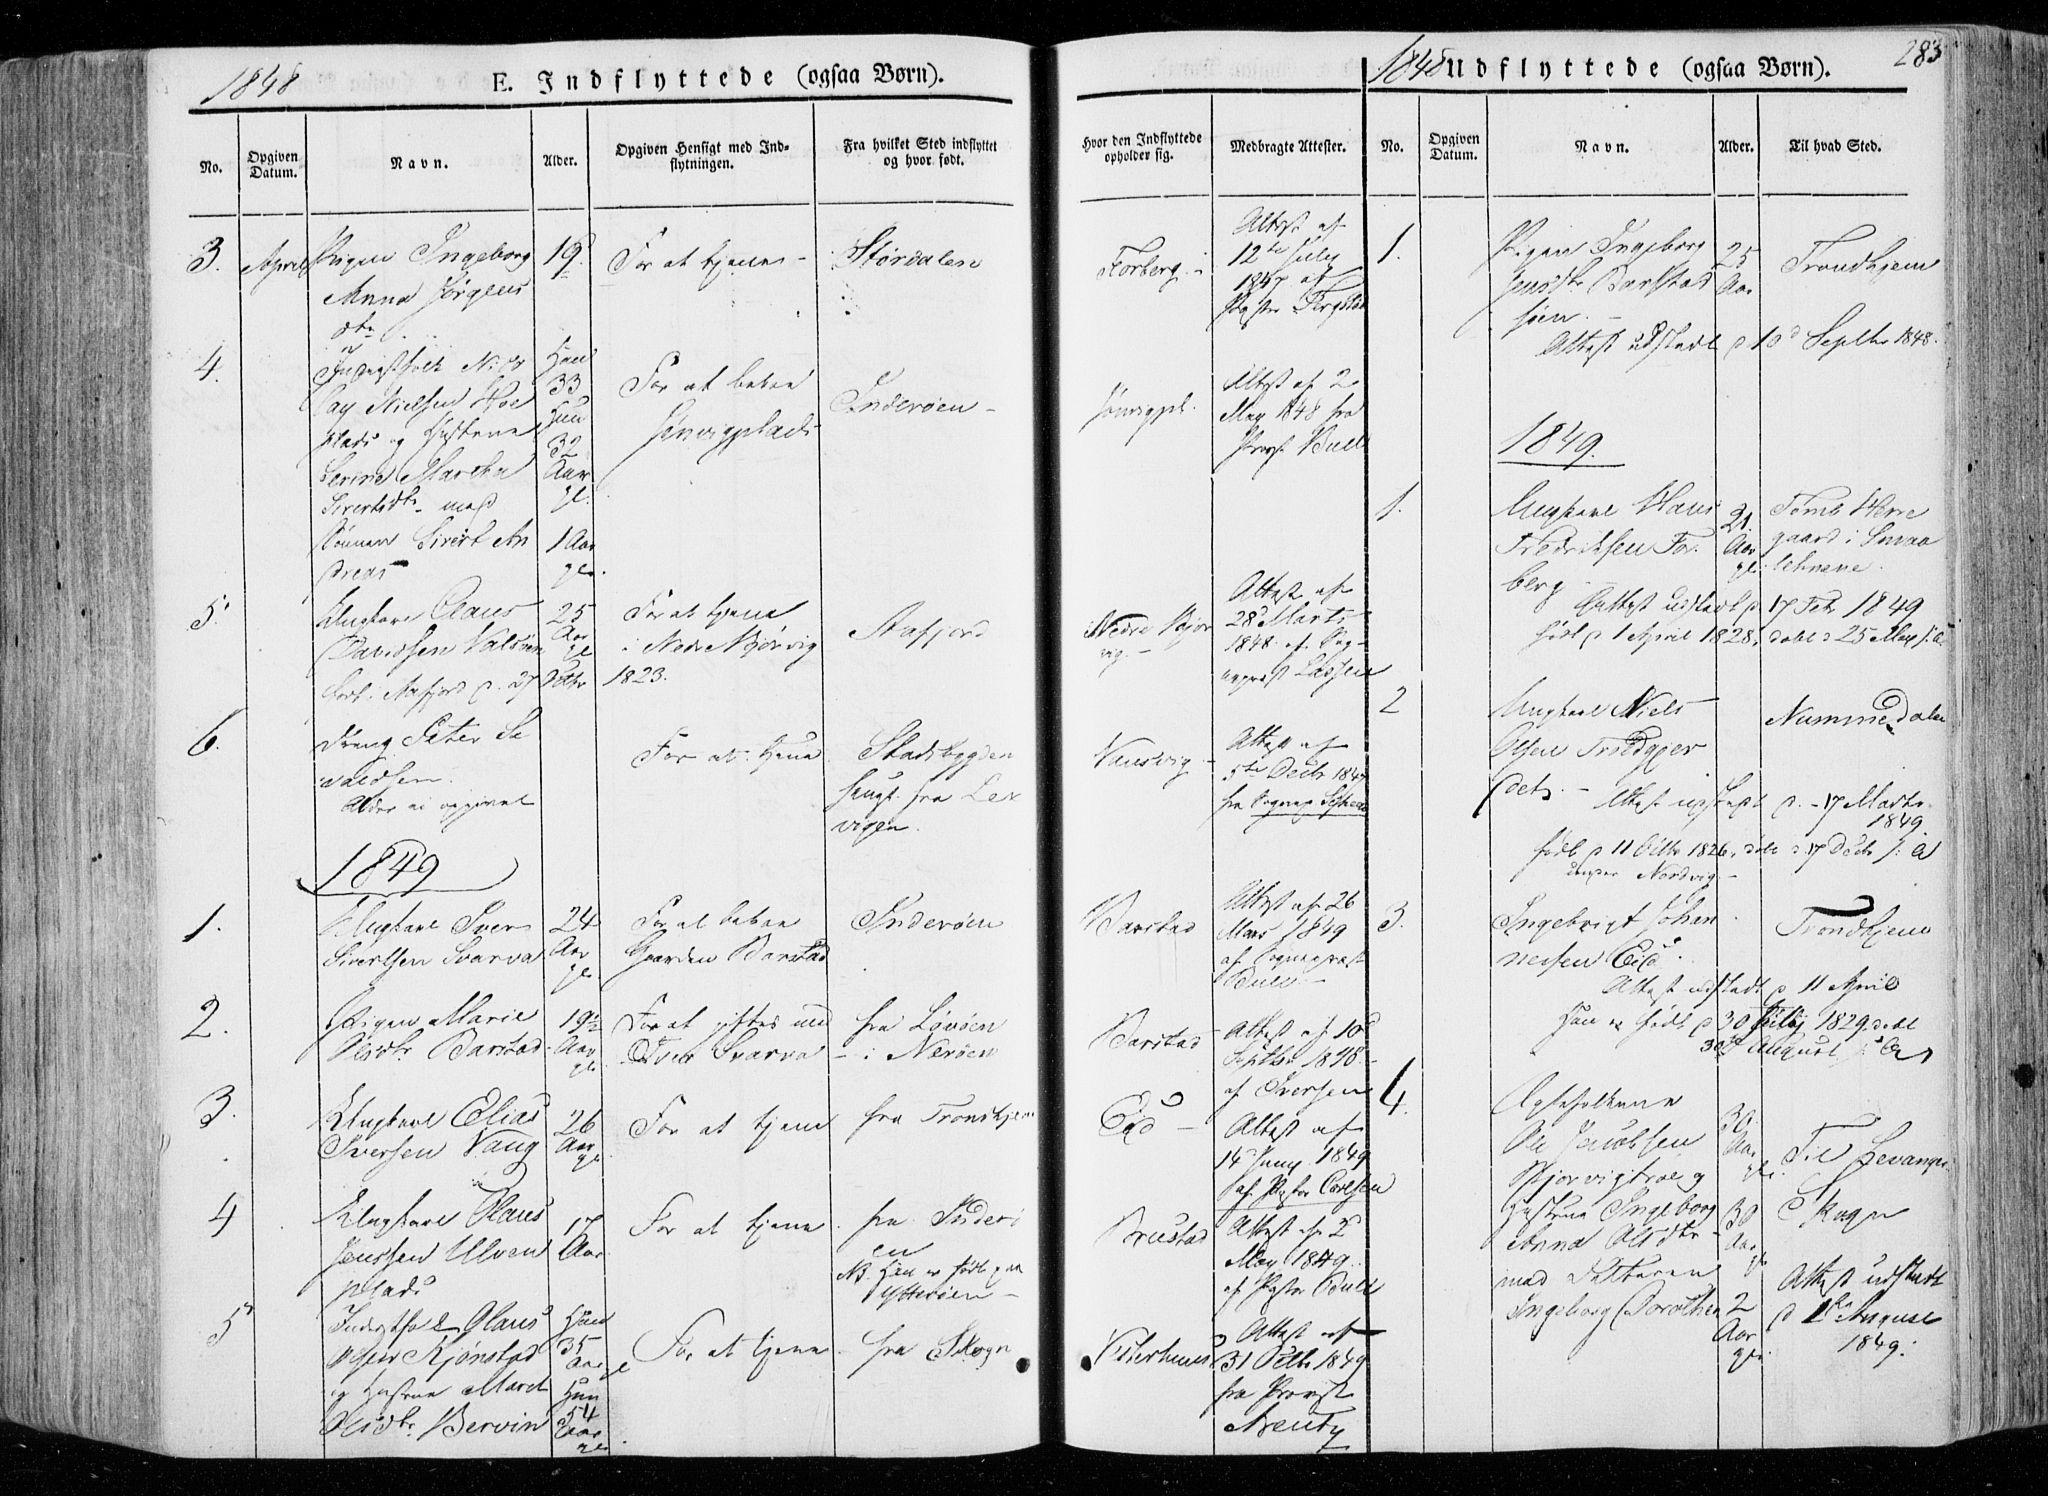 SAT, Ministerialprotokoller, klokkerbøker og fødselsregistre - Nord-Trøndelag, 722/L0218: Ministerialbok nr. 722A05, 1843-1868, s. 283